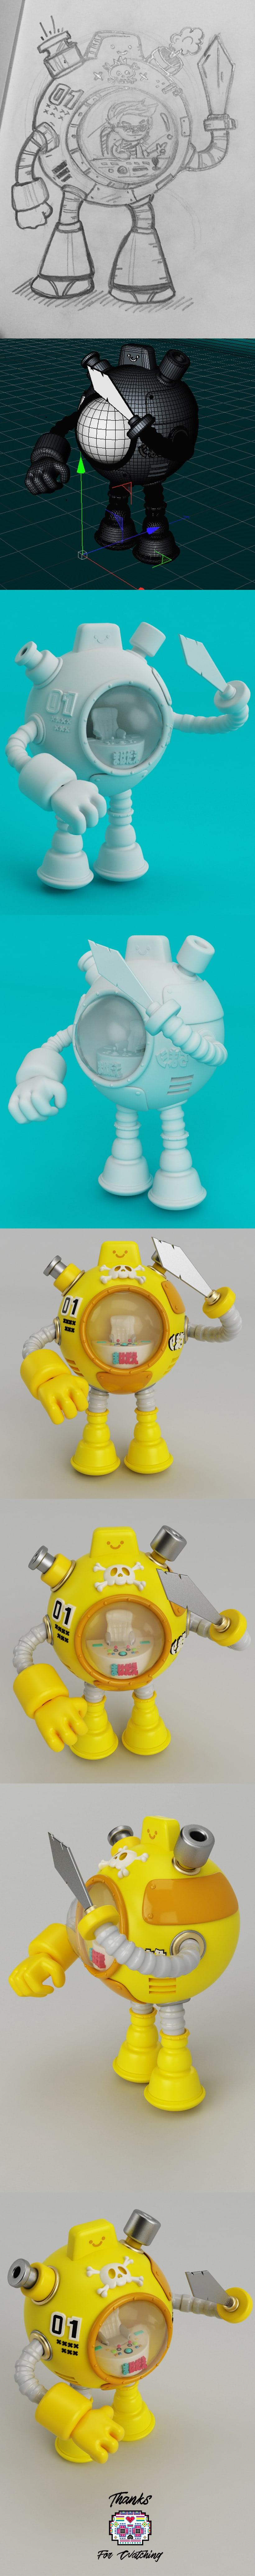 Bot 2.0  0